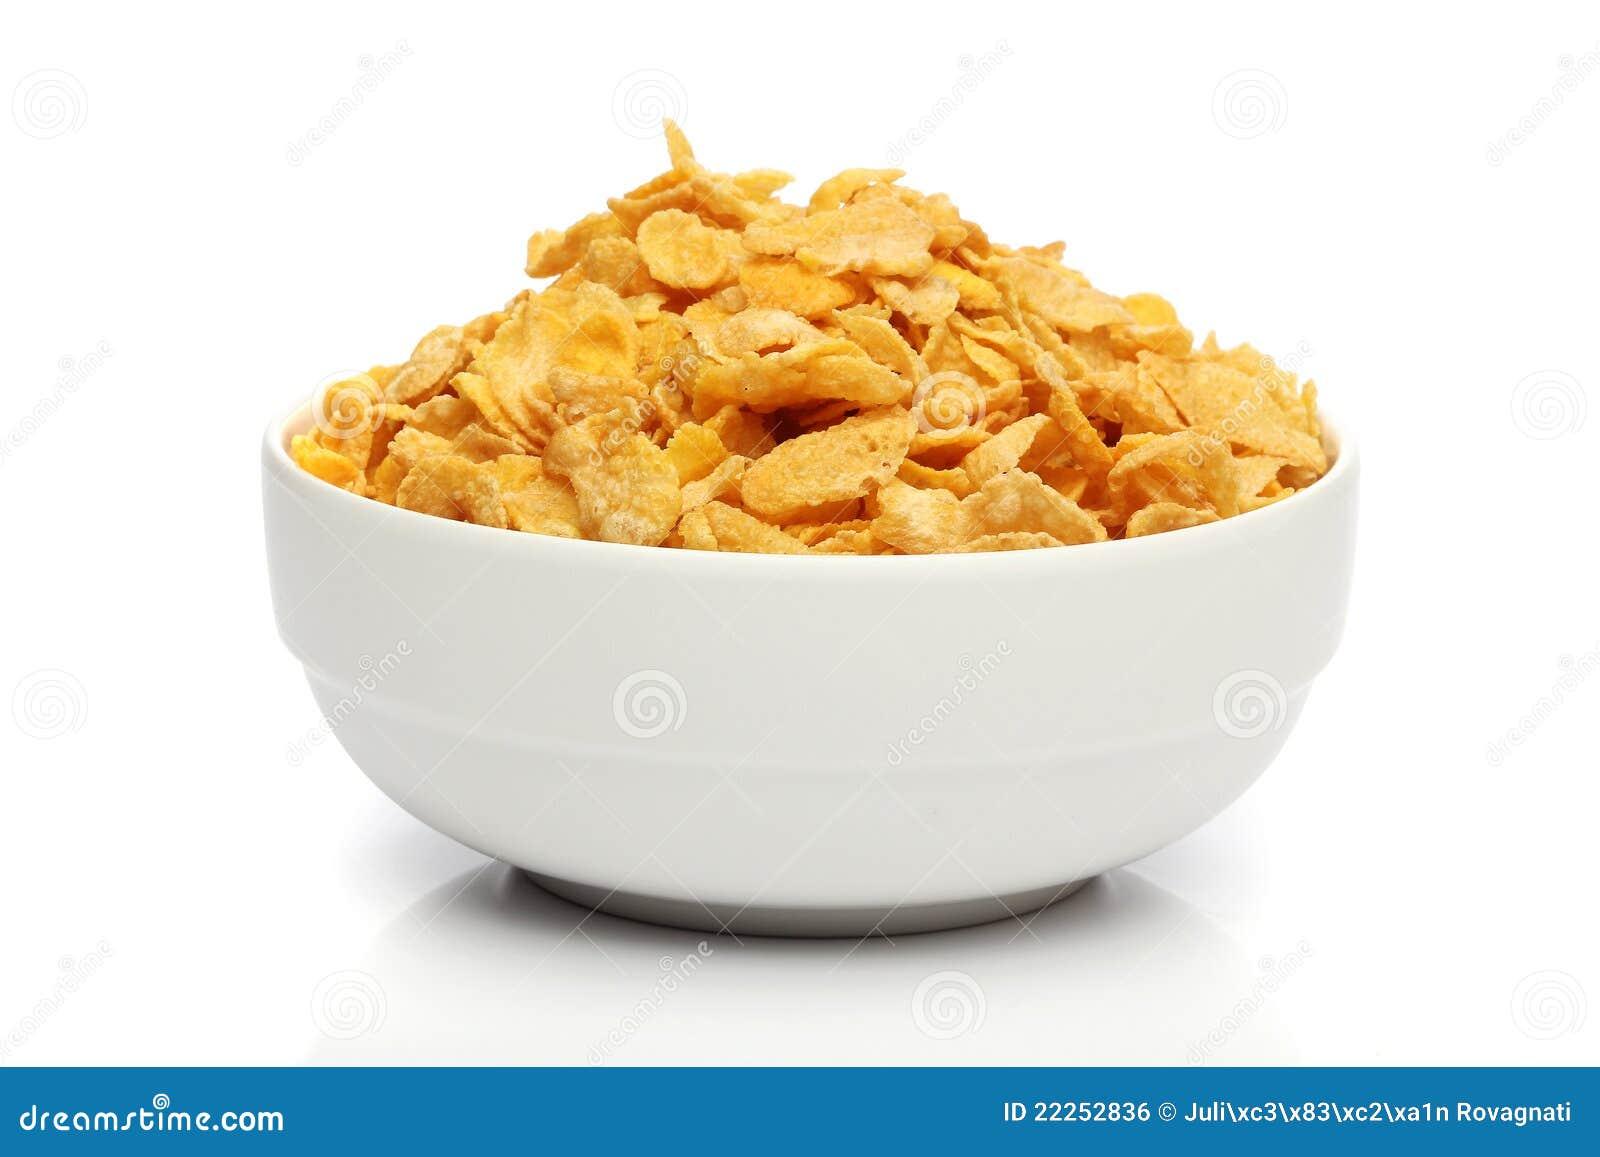 碗玉米片堆